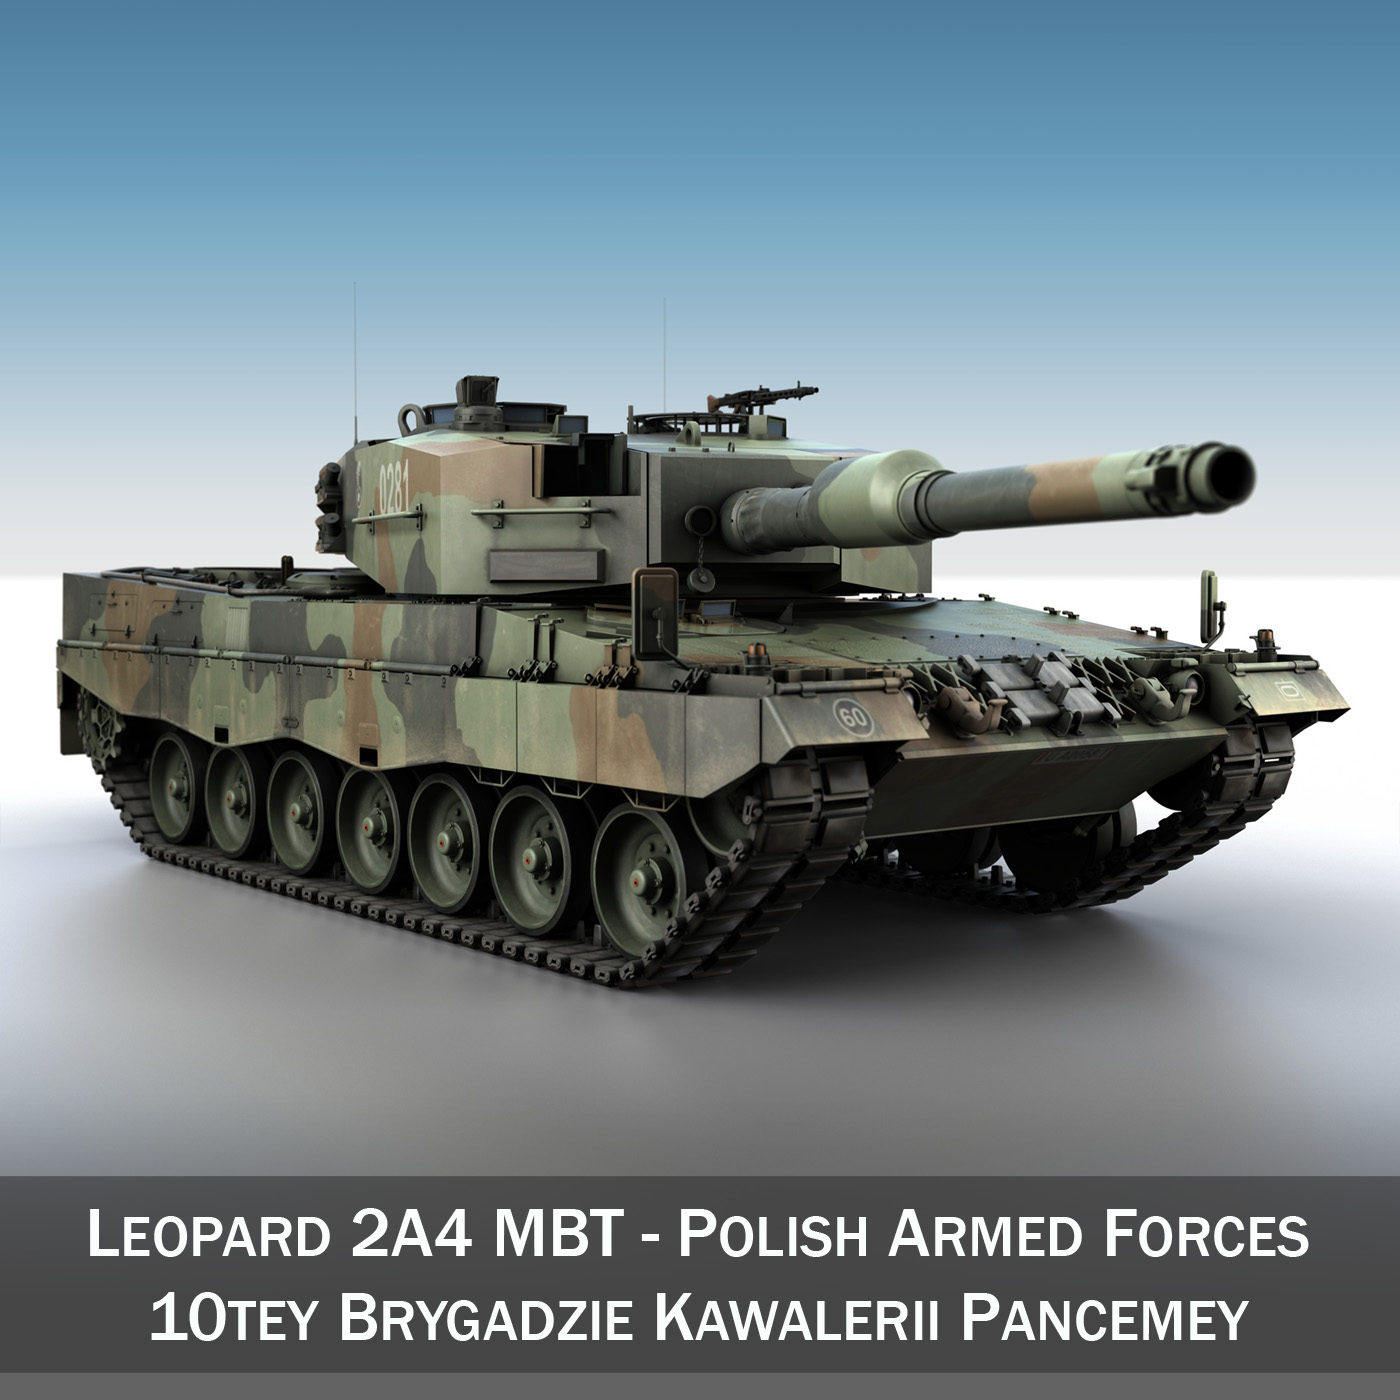 leopard 2a4 mbt – polish army 1 3d model 3ds fbx c4d lwo obj 197271